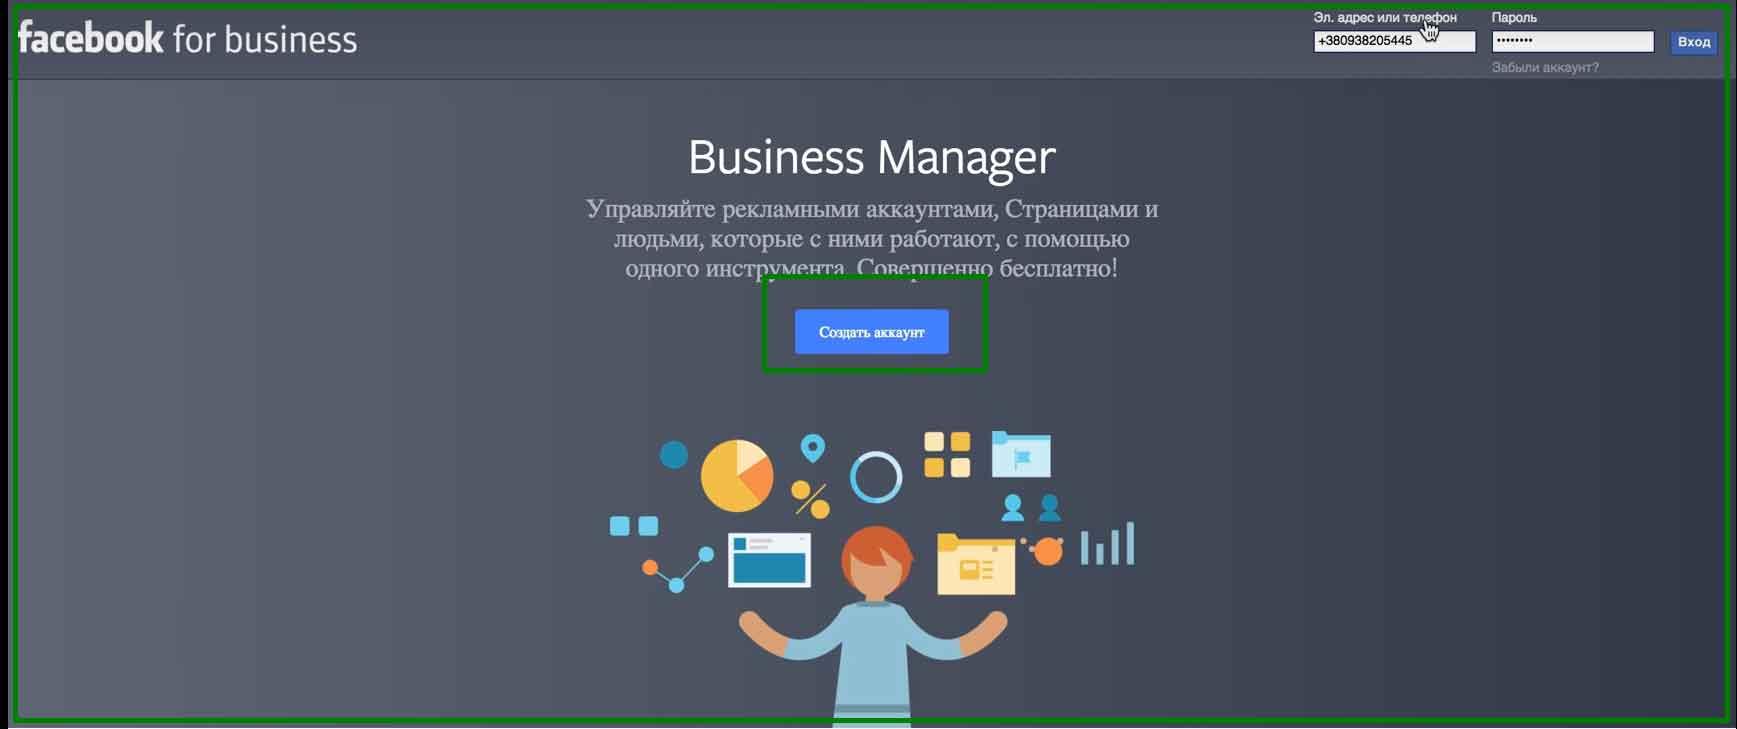 бизнес менеджер в фейсбук